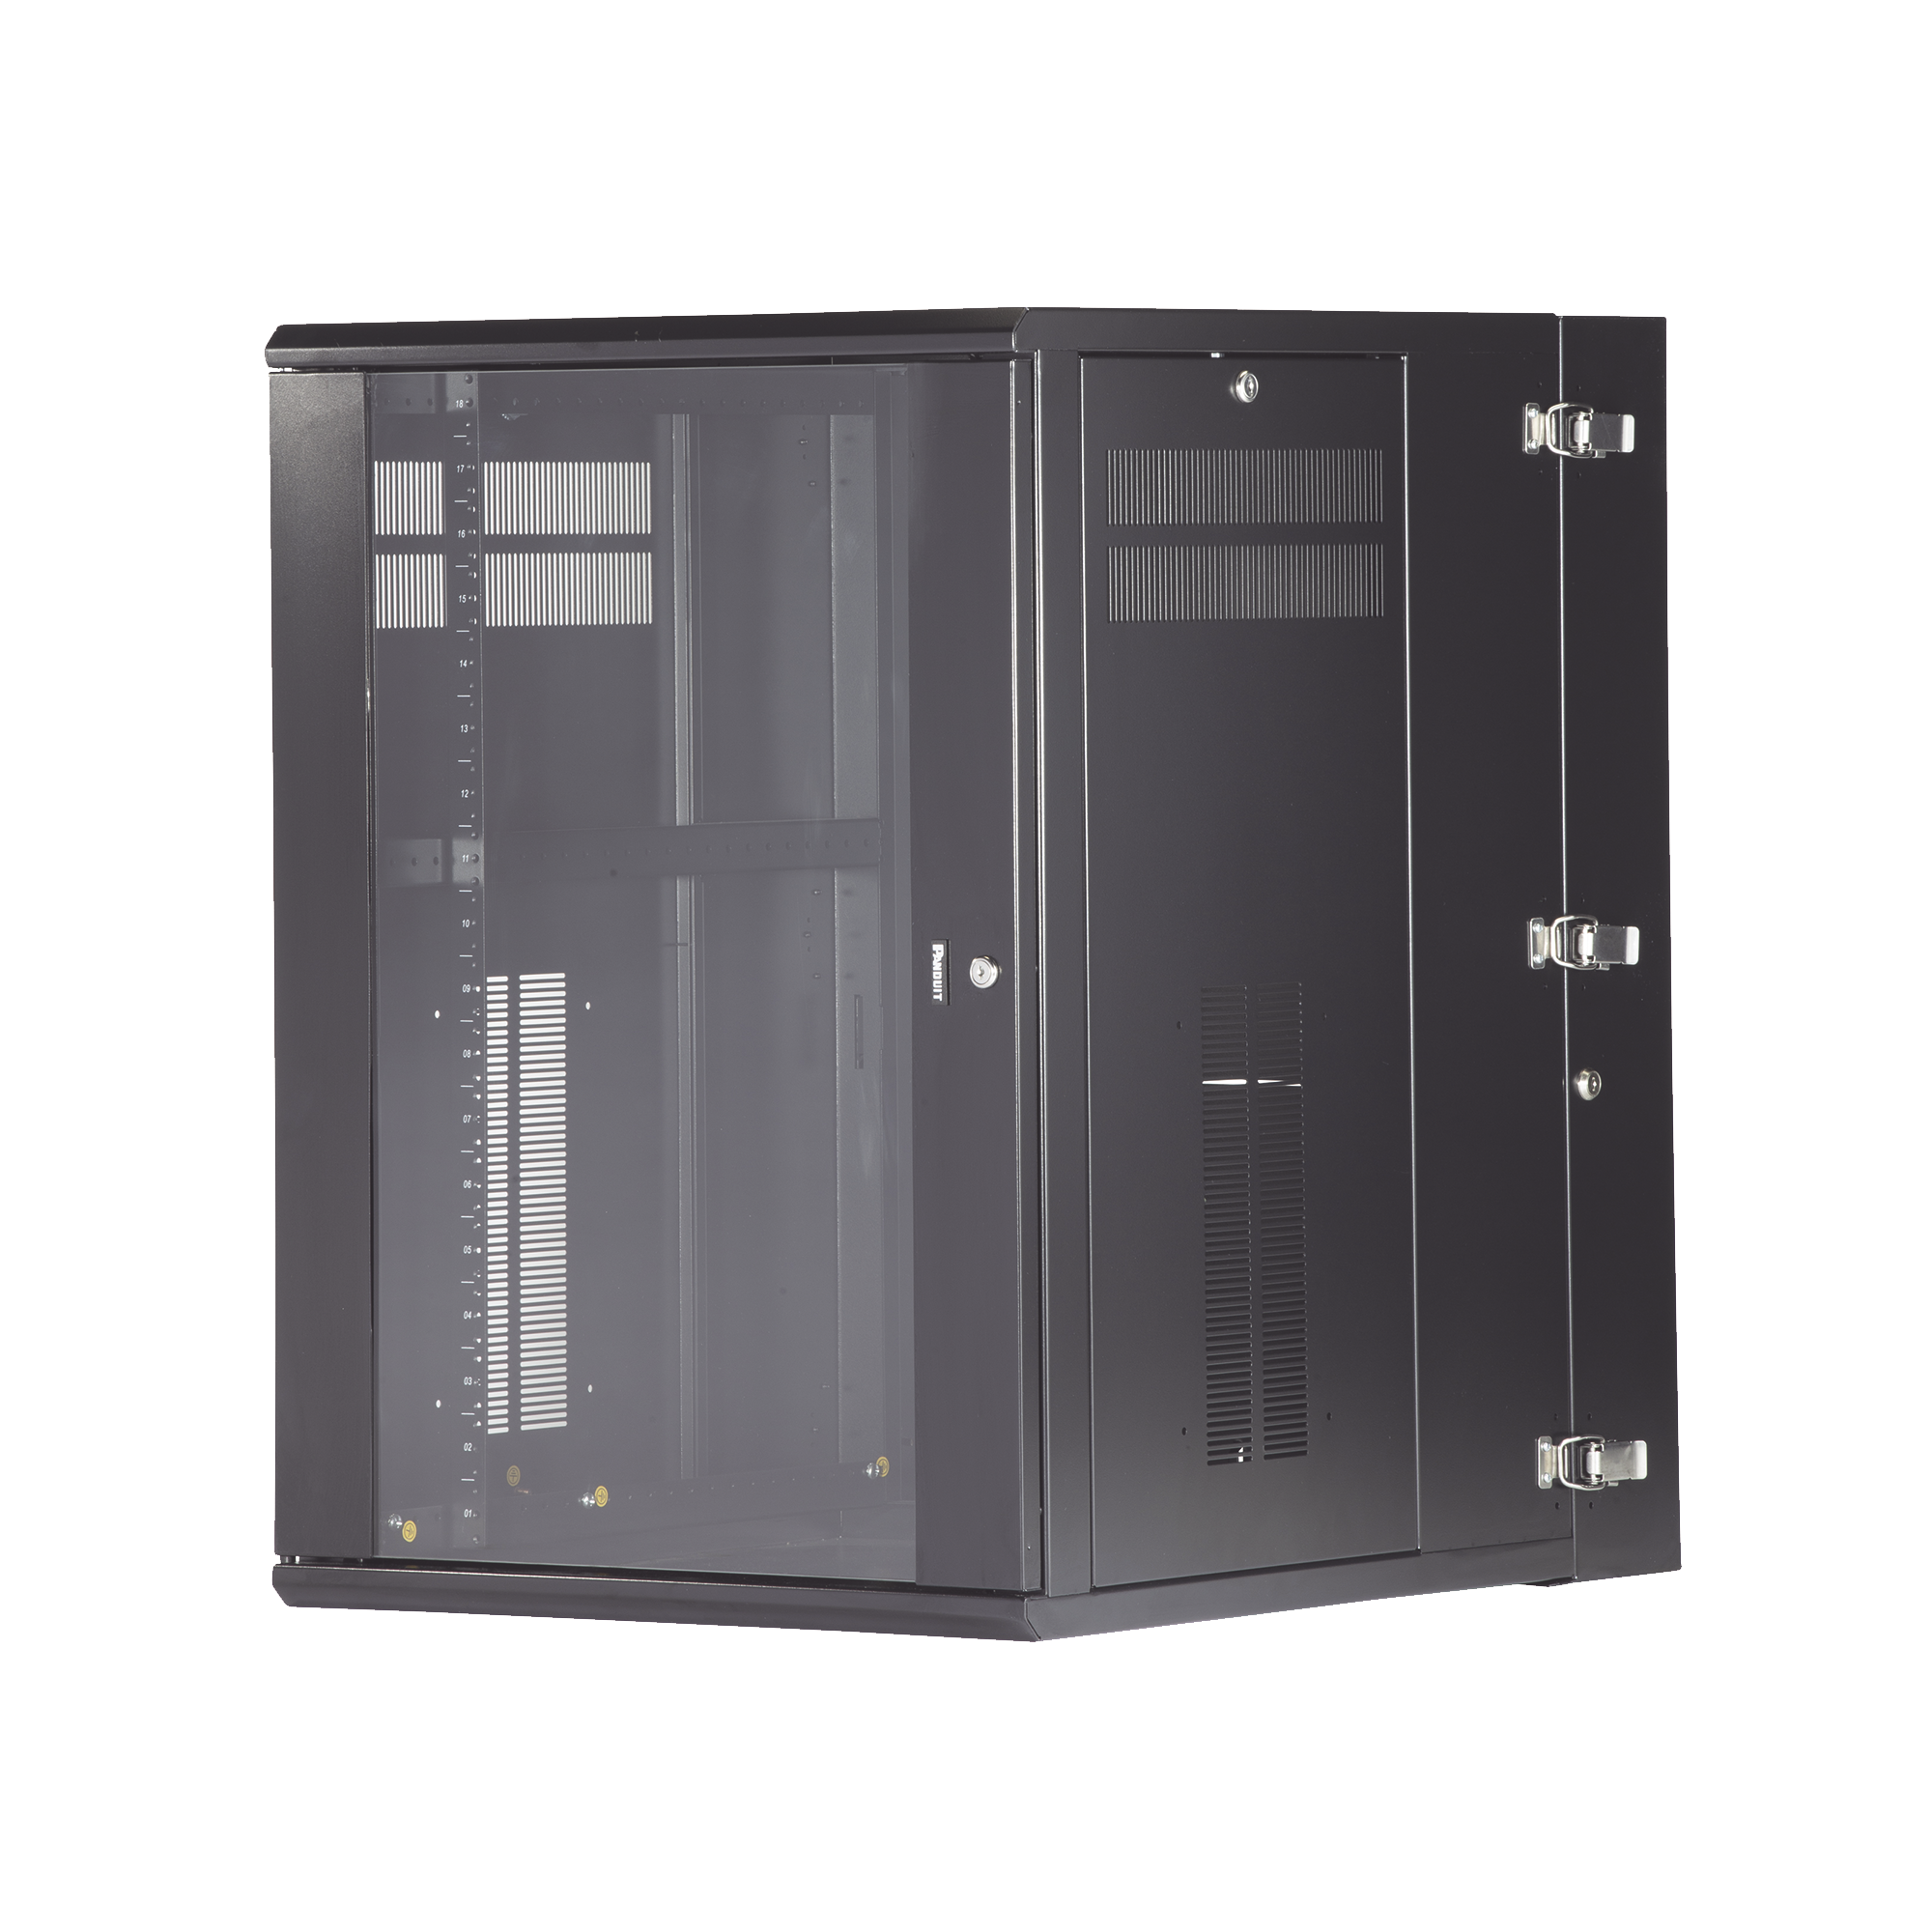 Gabinete PanZone de Montaje en Pared, de 19in, Puerta con Ventana de Seguridad, 18 UR, 762mm de Profundidad, Color Negro